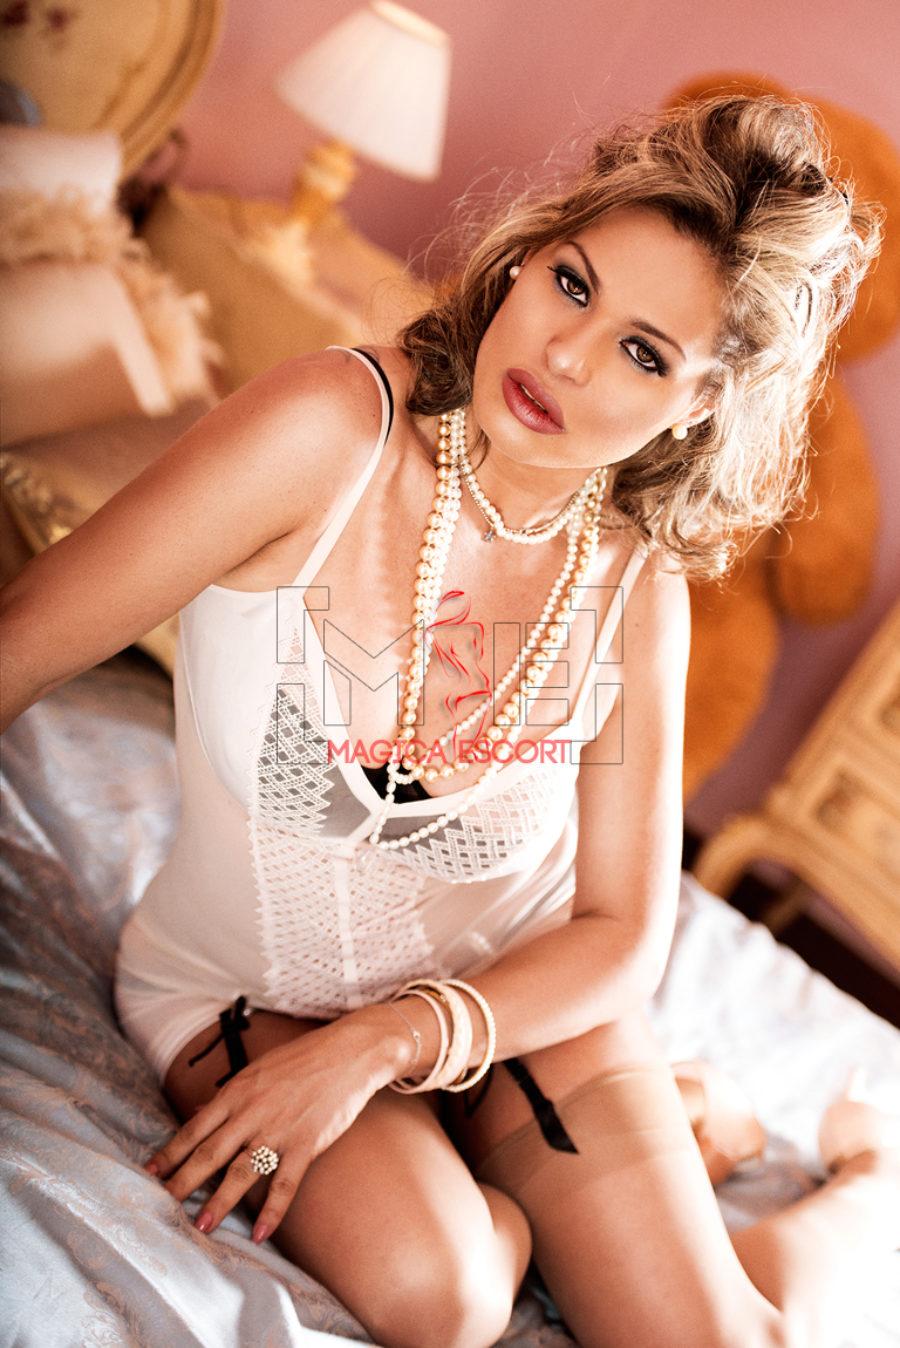 Giselle escort Bologna è suadente ed eccitante in questo primo piano molto intenso.